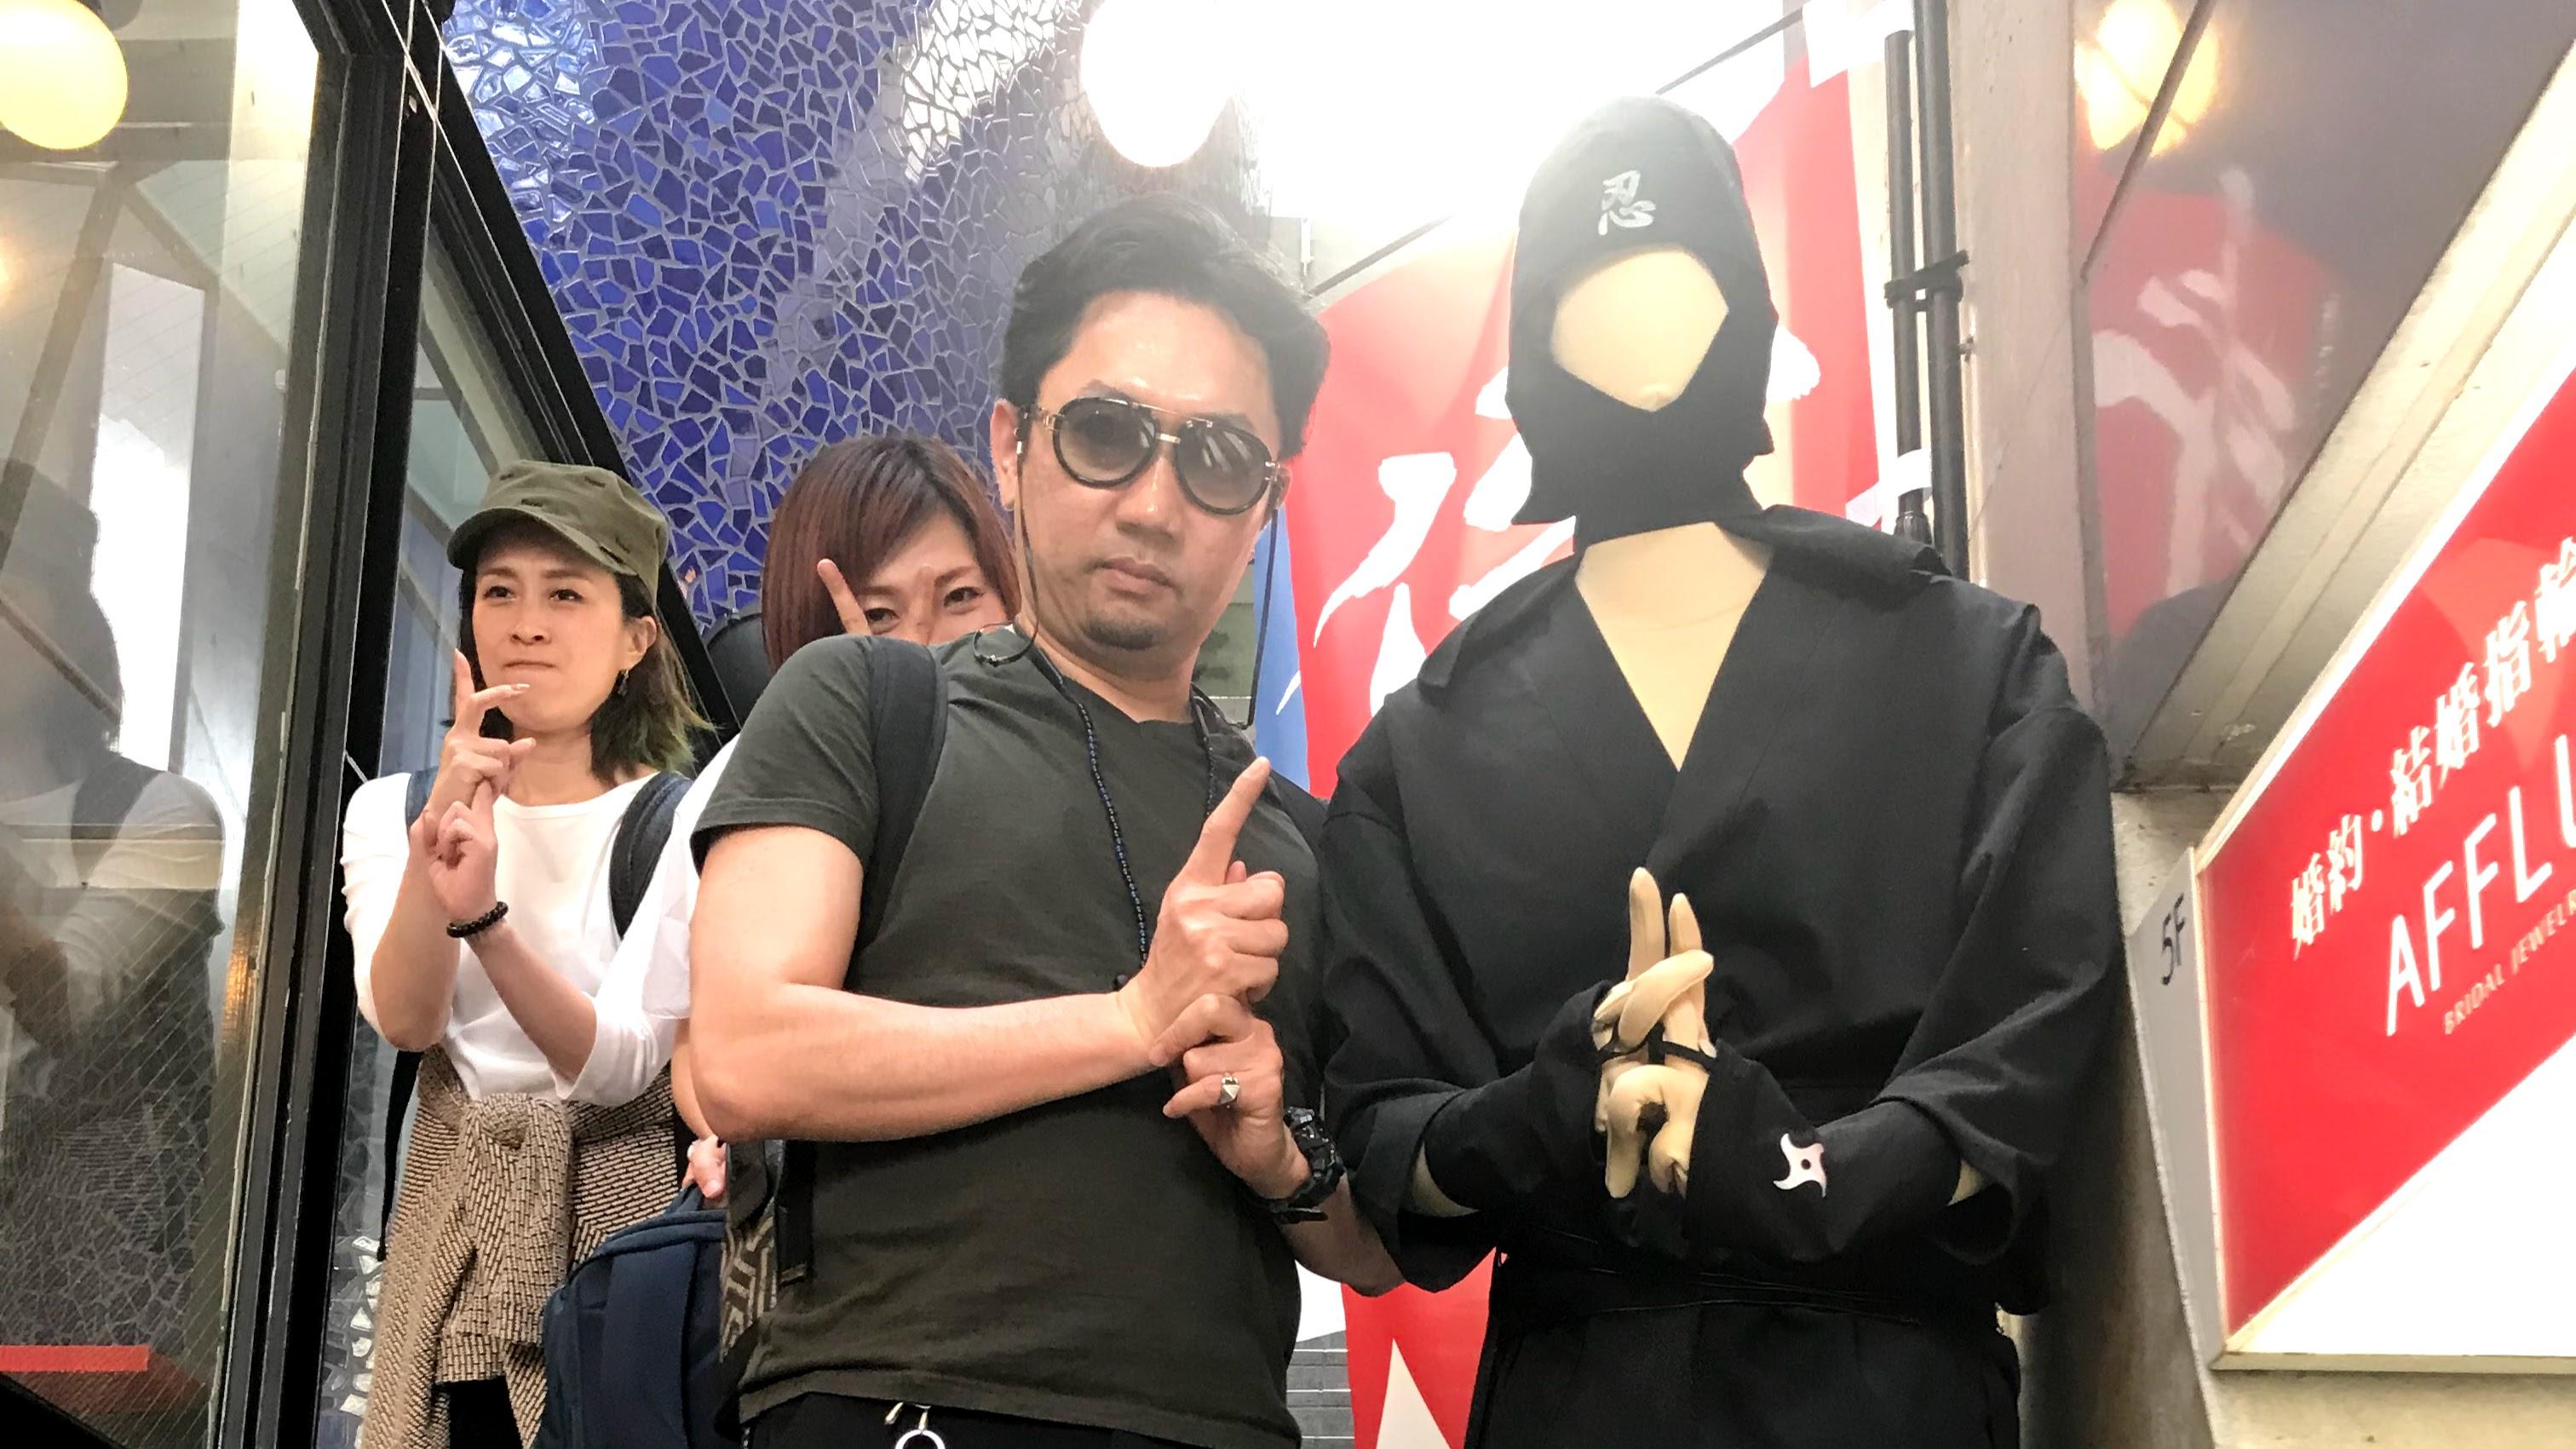 フェイスゴスペル京都スタジオ階段で忍者と一緒に写真をとる